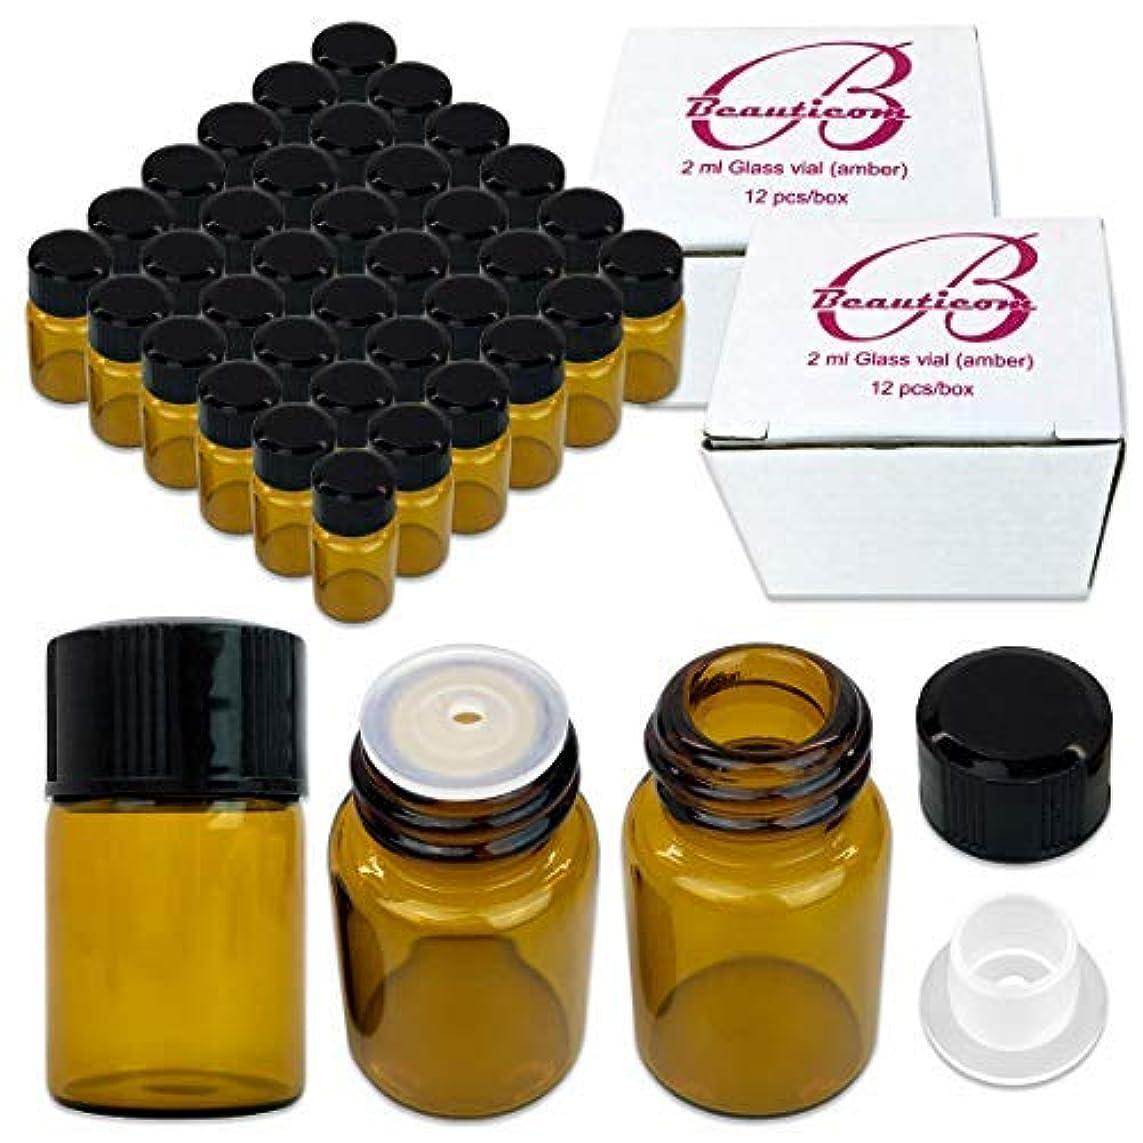 文献幸運予定72 Packs Beauticom 2ML Amber Glass Vial for Essential Oils, Aromatherapy, Fragrance, Serums, Spritzes, with Orifice...